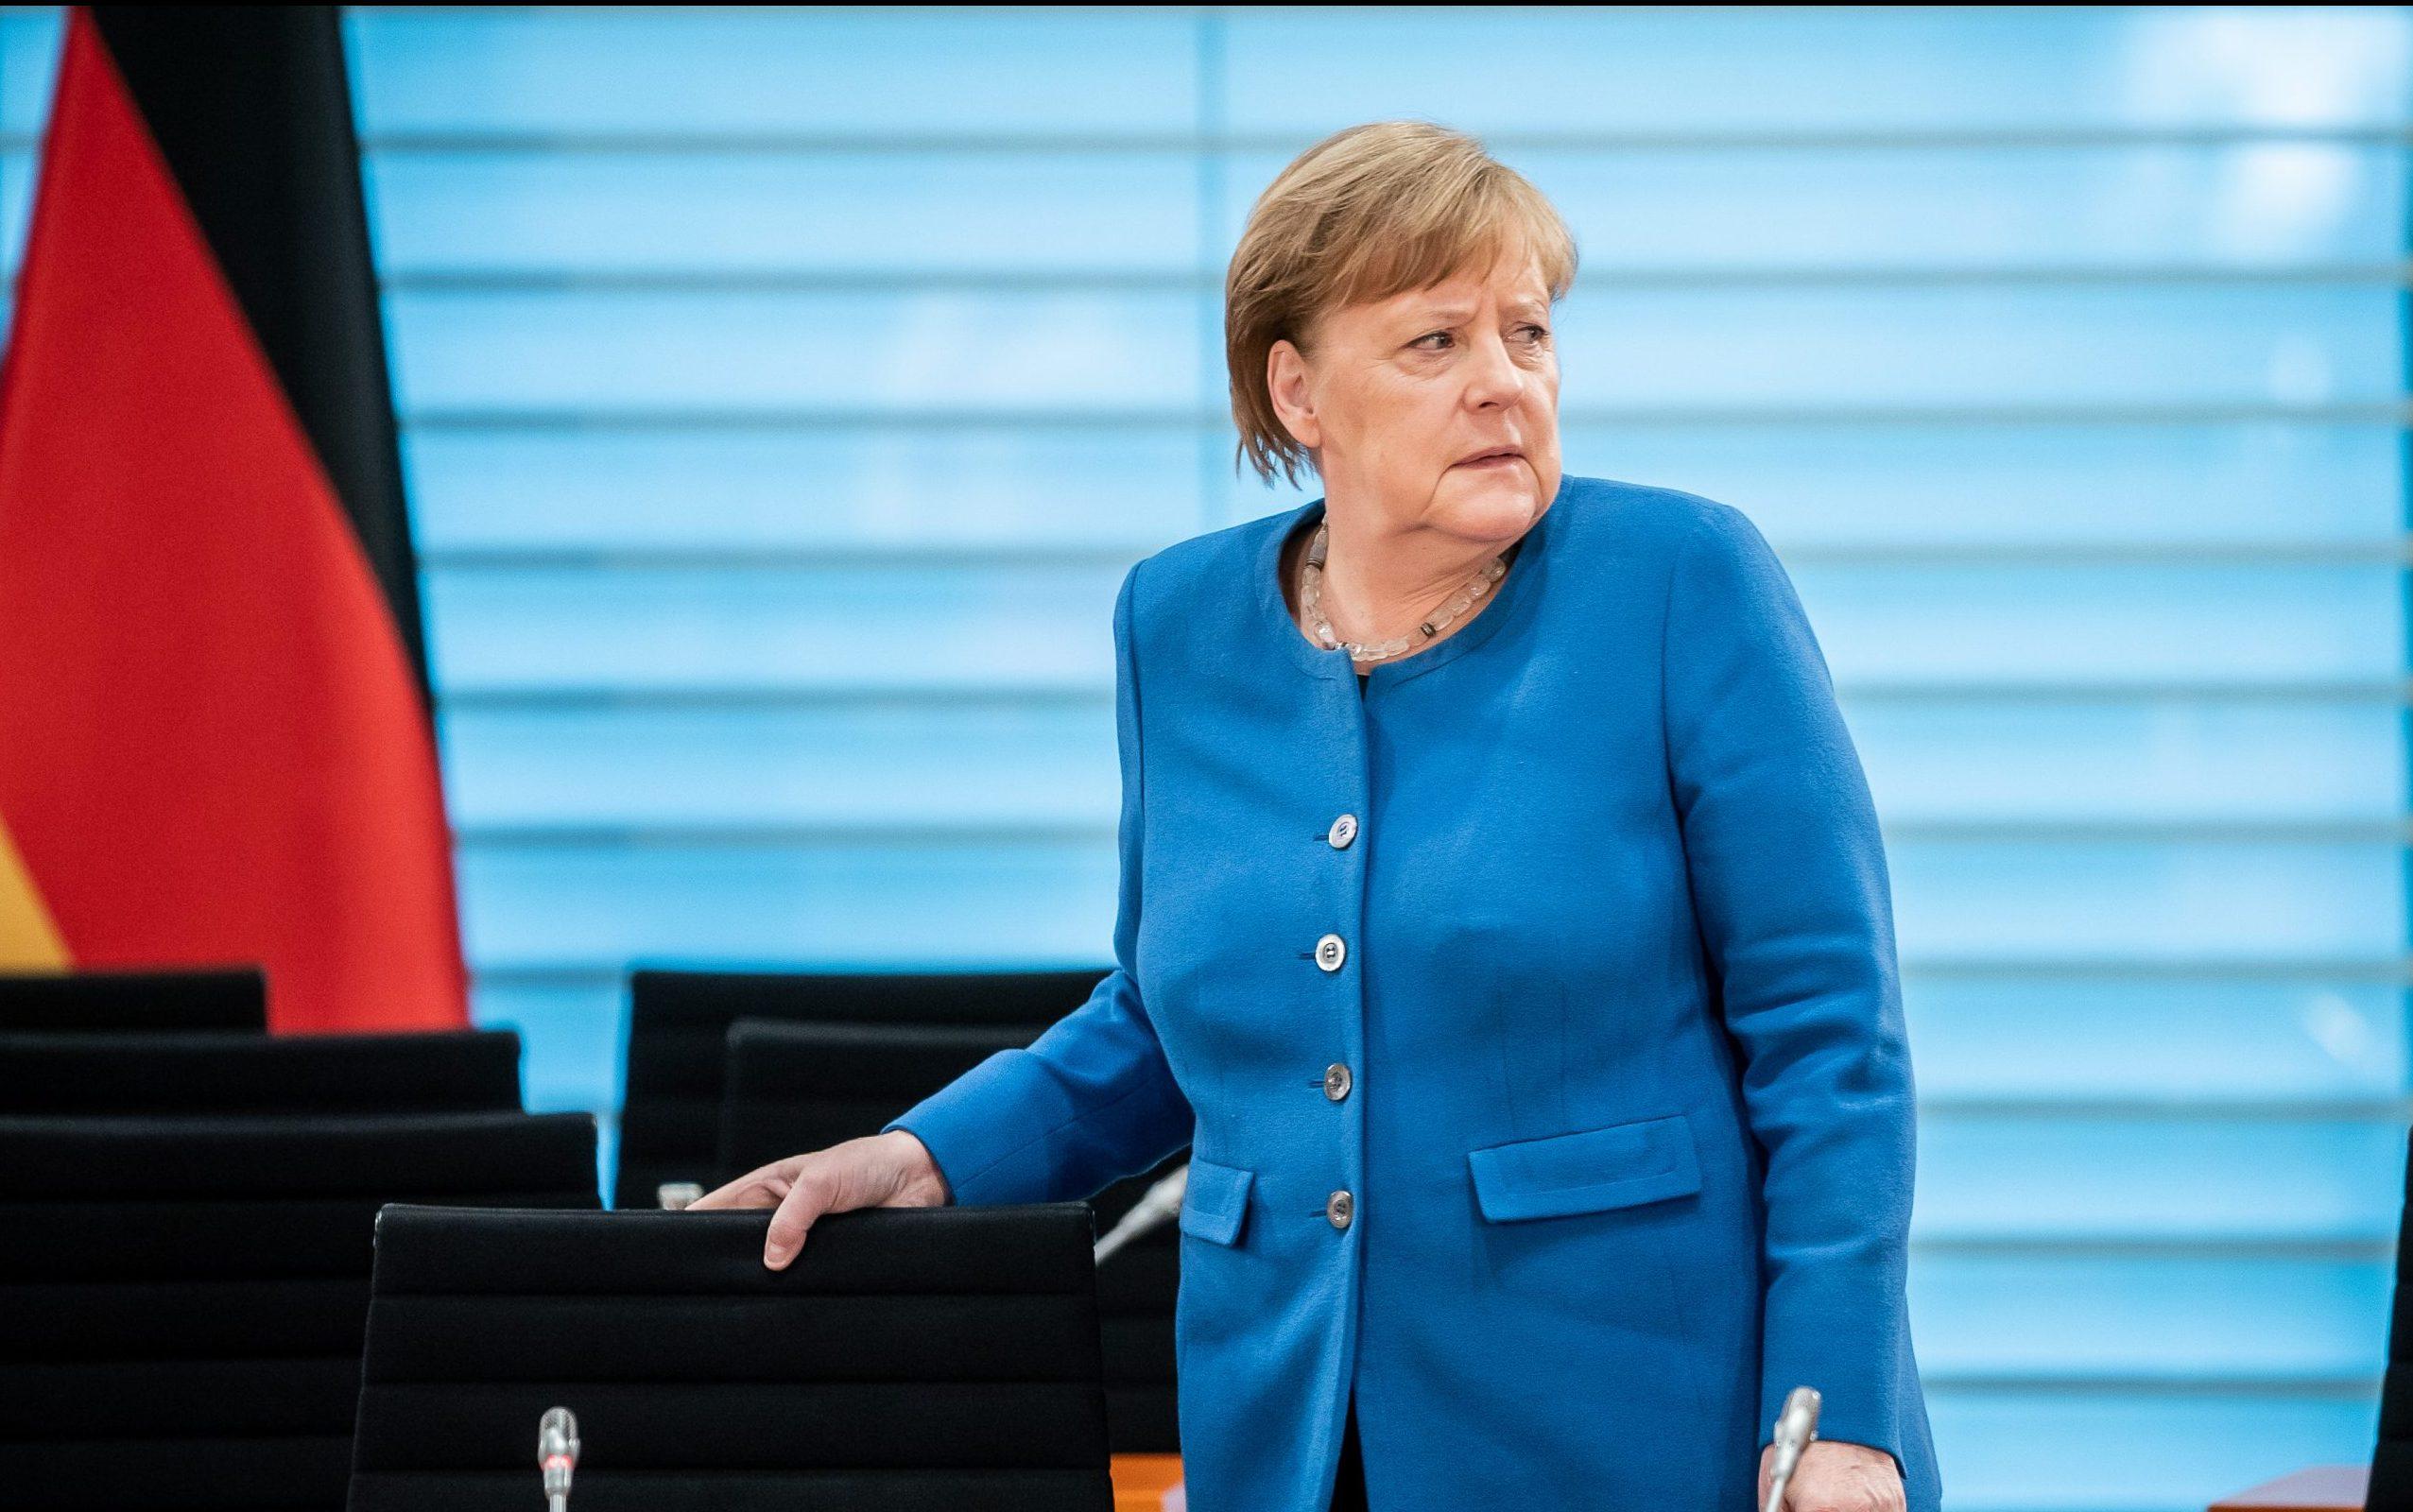 """Gütersloher Bürgermeister zu Merkel: """"Hier fühlen sich fast eine Dreiviertelmillion Menschen im Stich gelassen"""""""